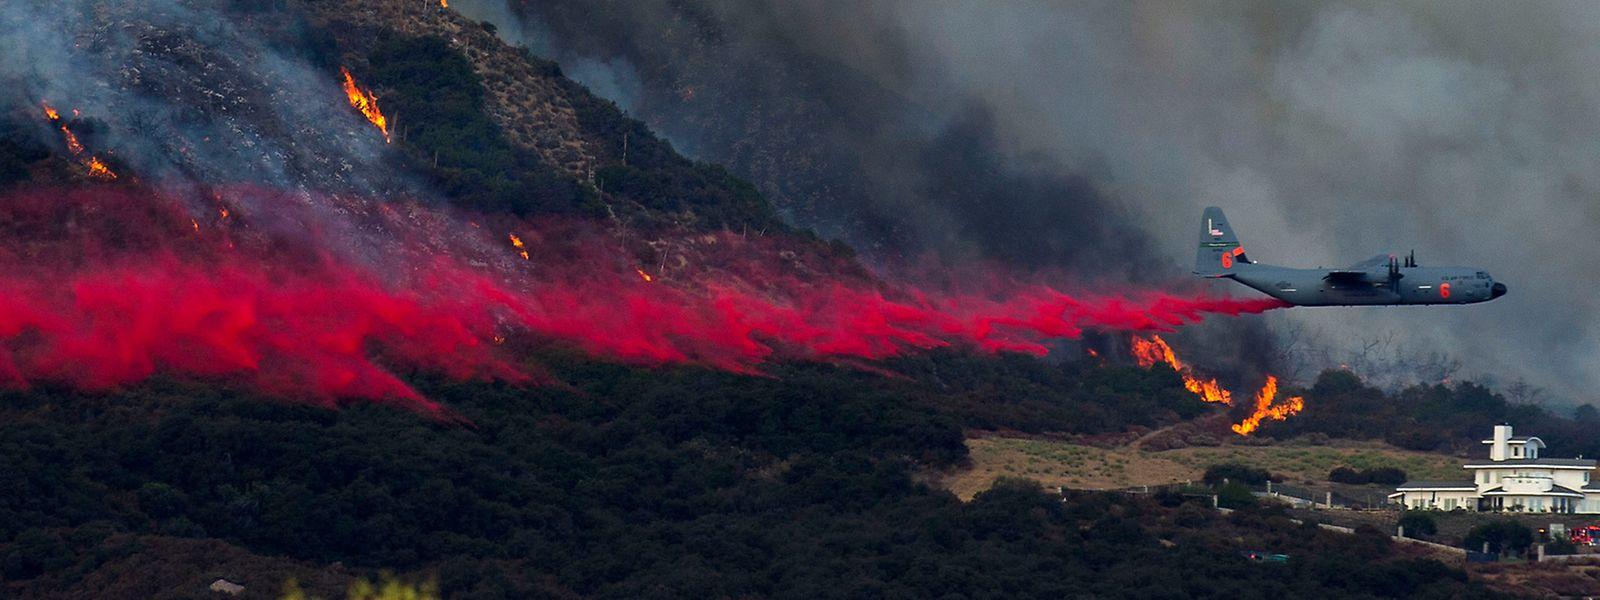 Ein Löschflugzeug ist in der Nähe des San Bernardino National Forest beim El Dorado Feuer im Einsatz.